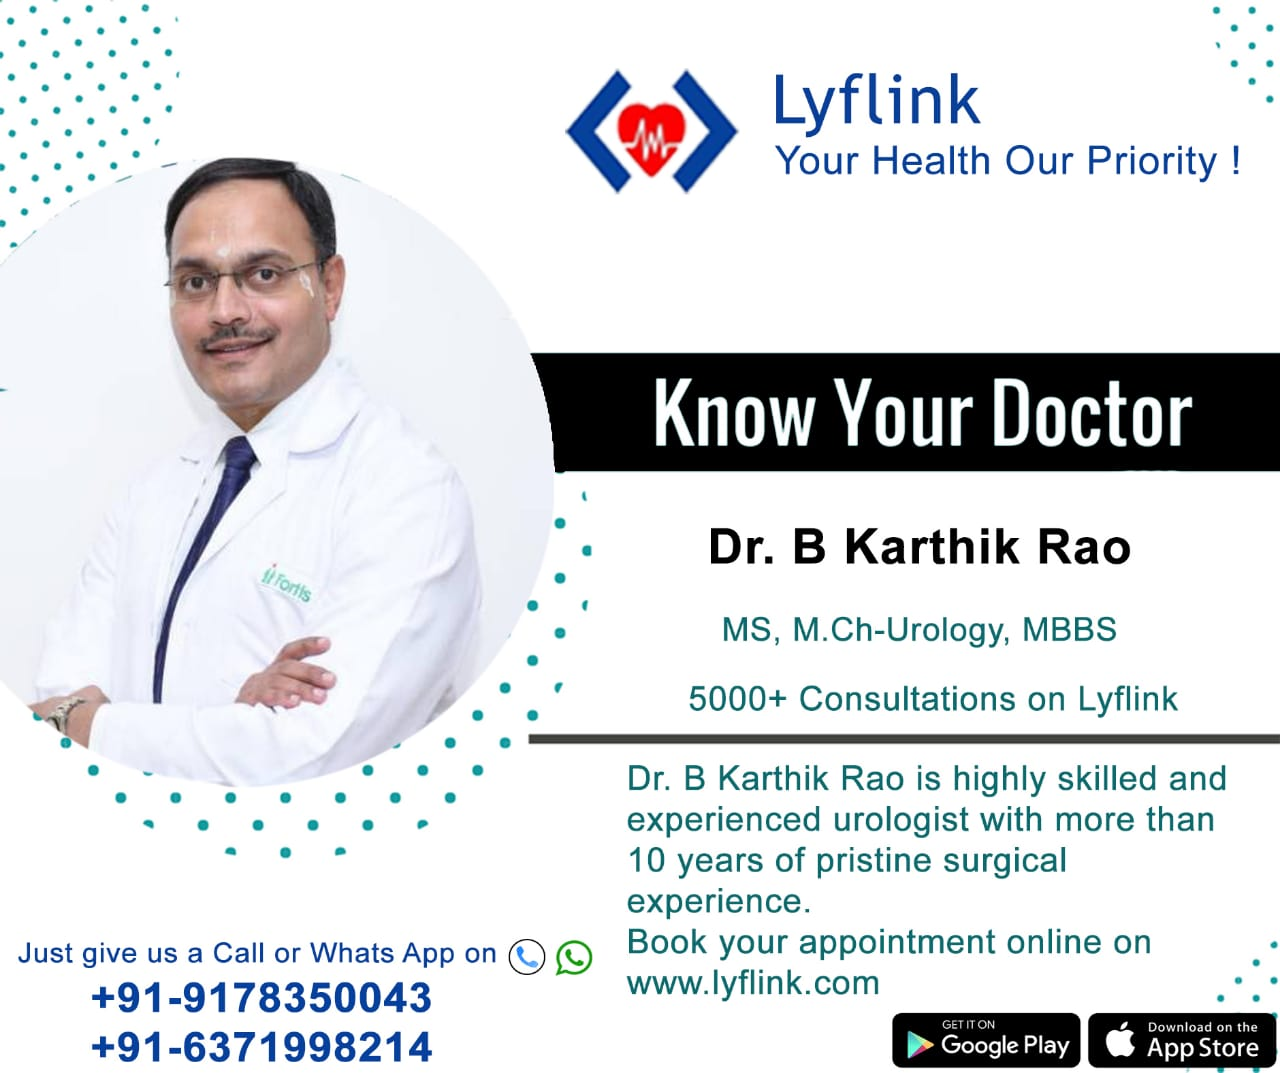 Dr. Kartik Rao